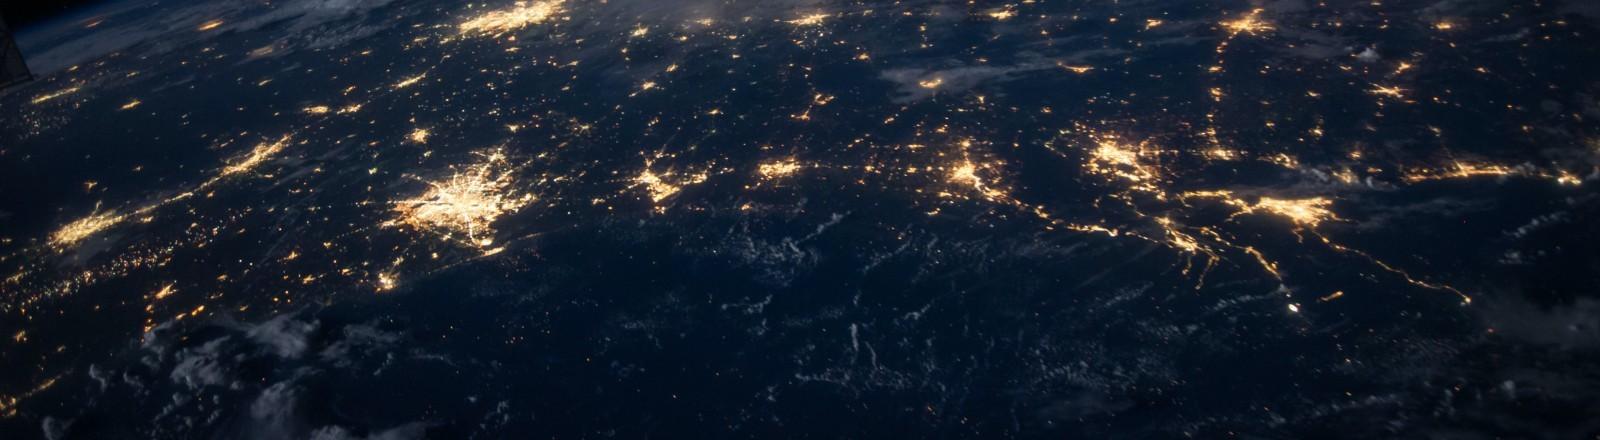 Eine Sicht auf die Welt von oben